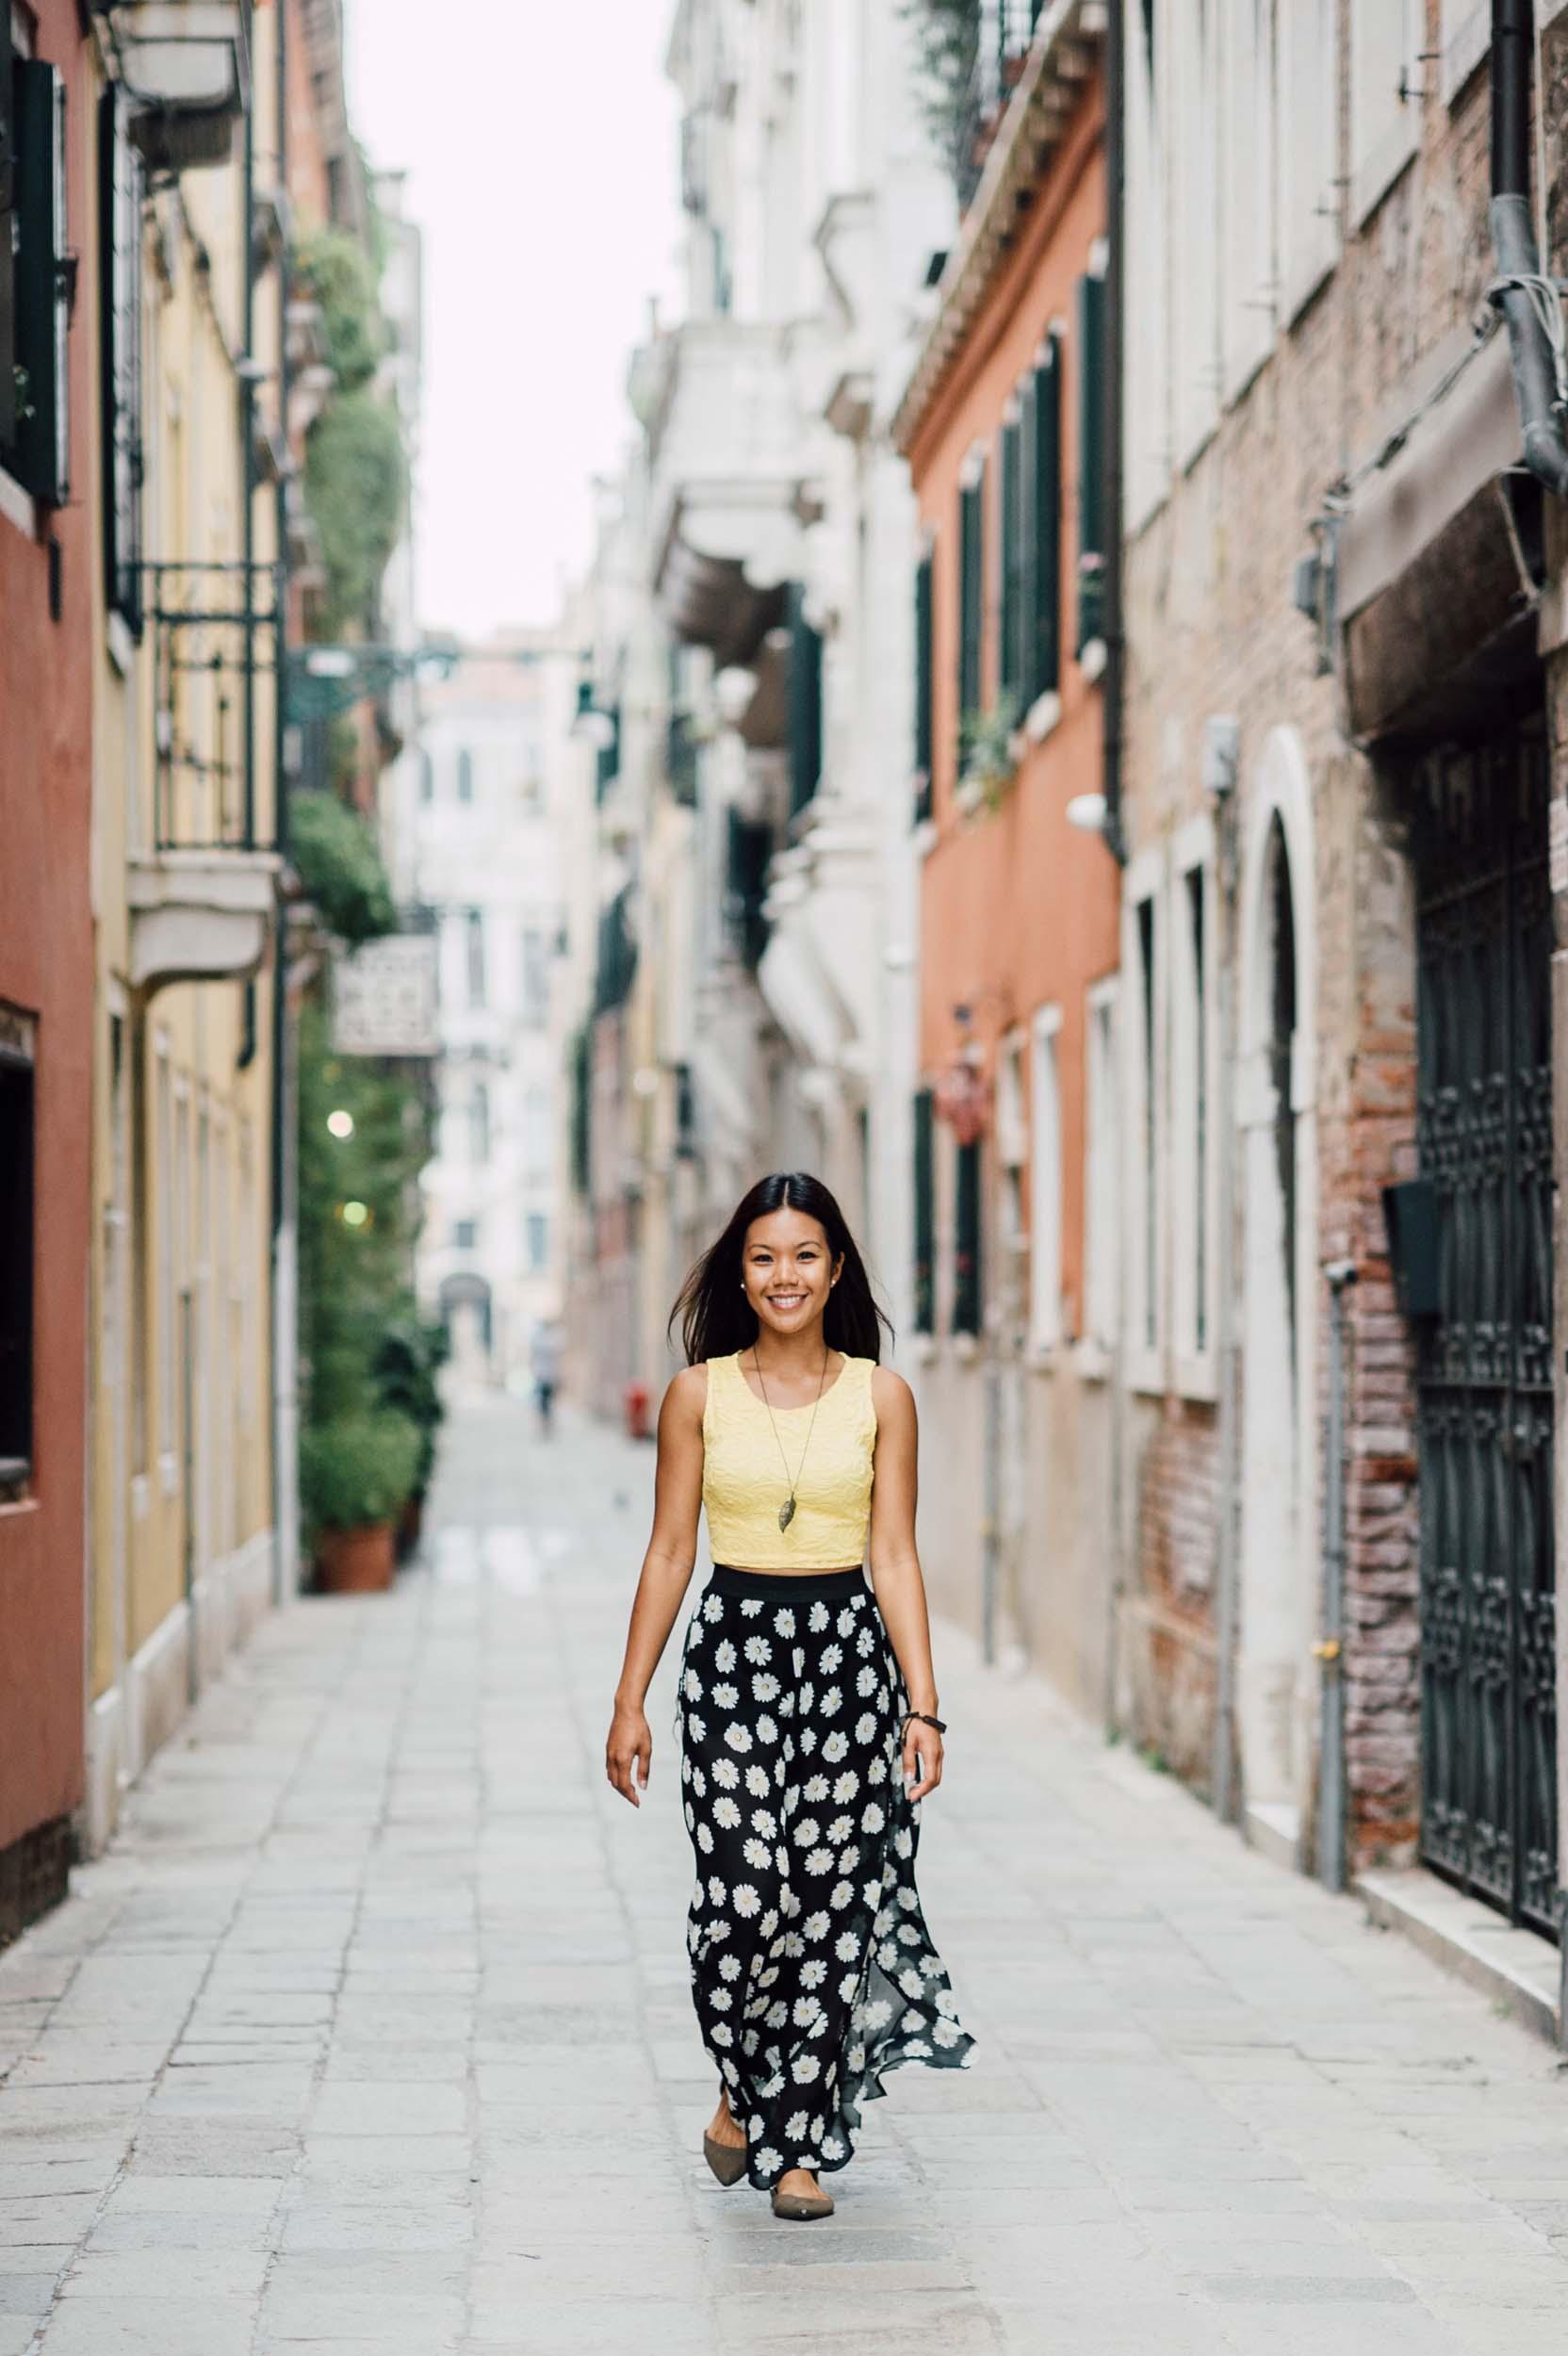 Flytographer Serena in Venice